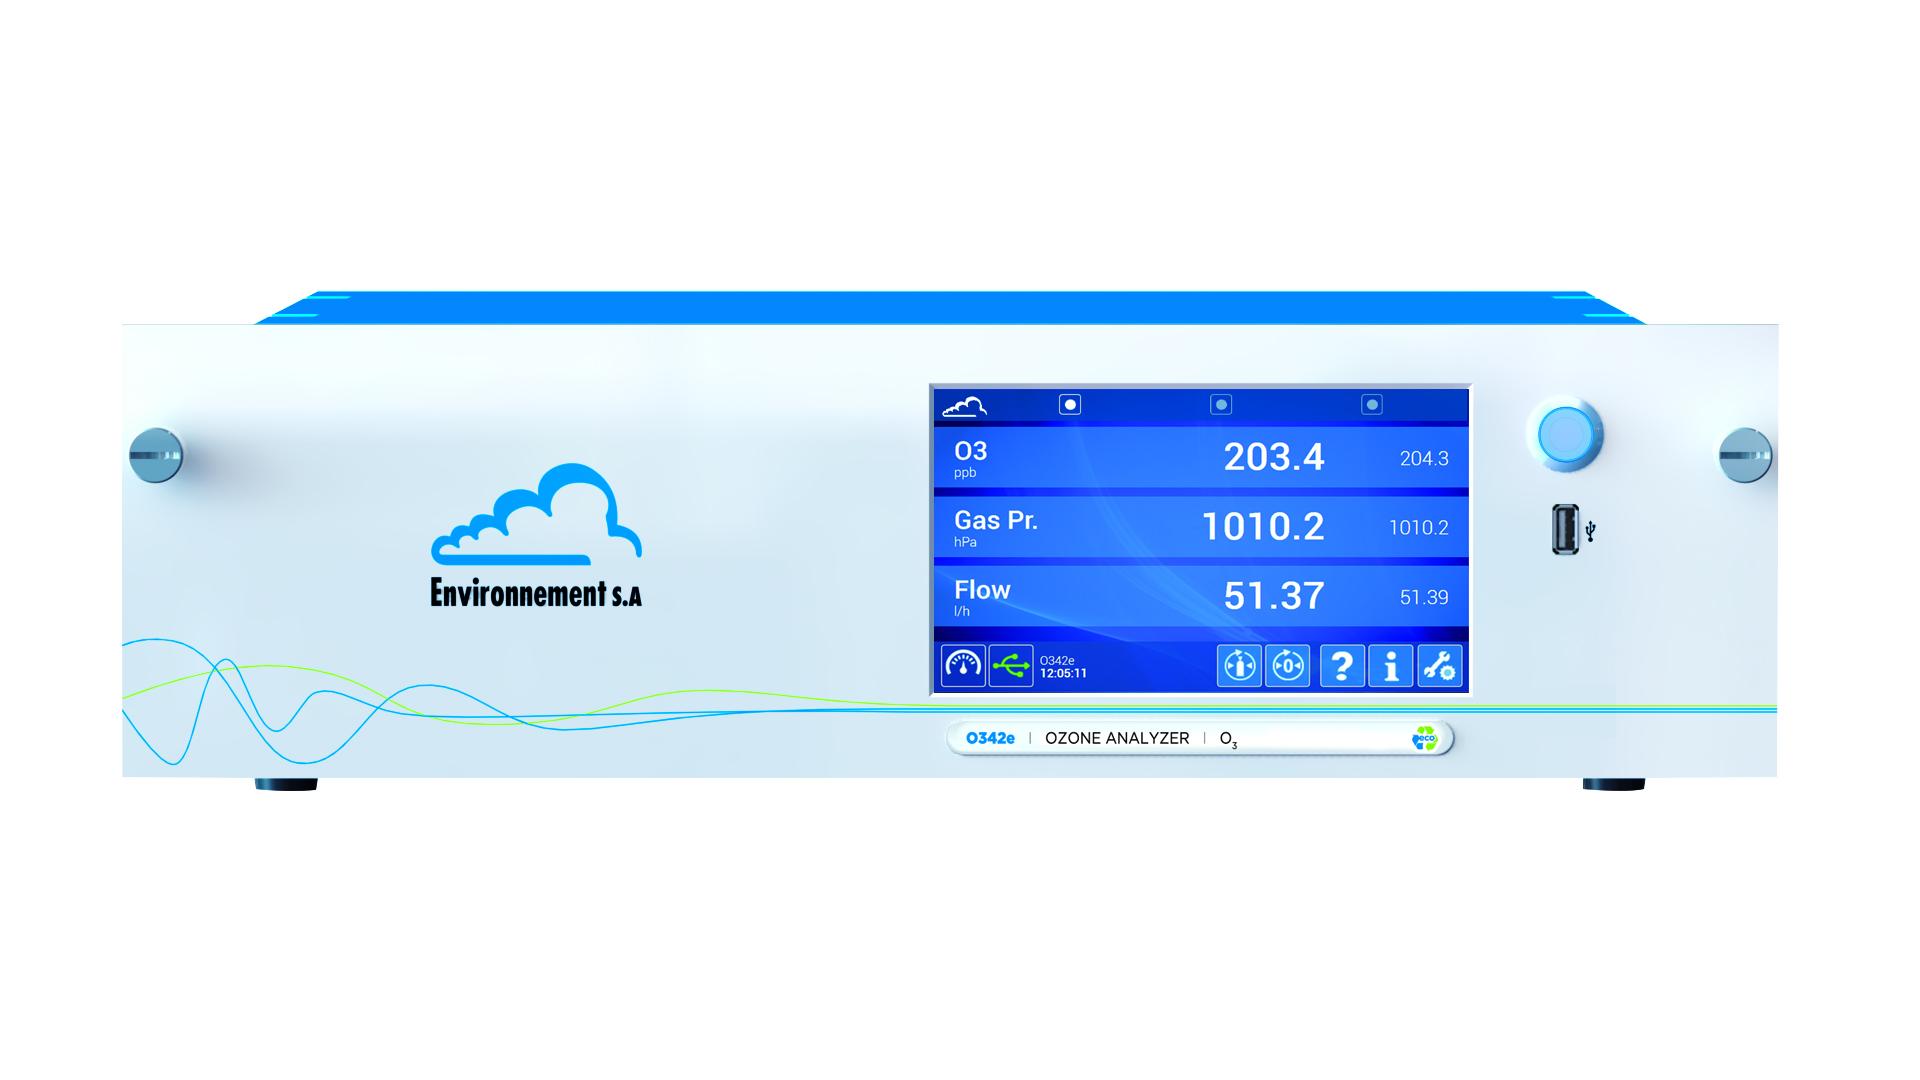 o342e monitor